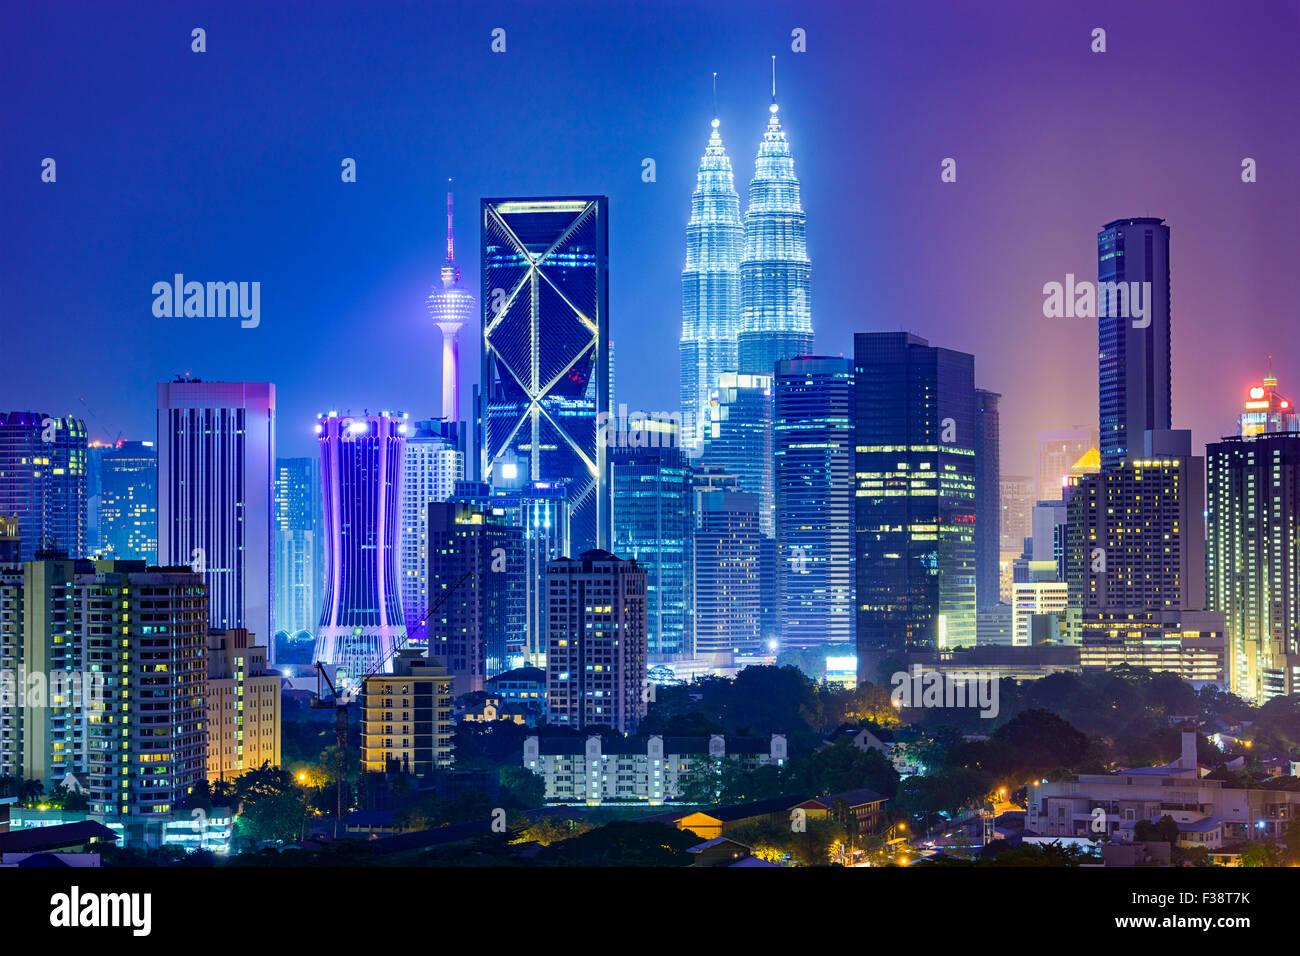 Kuala Lumpur in Malesia lo skyline della citta'. Immagini Stock